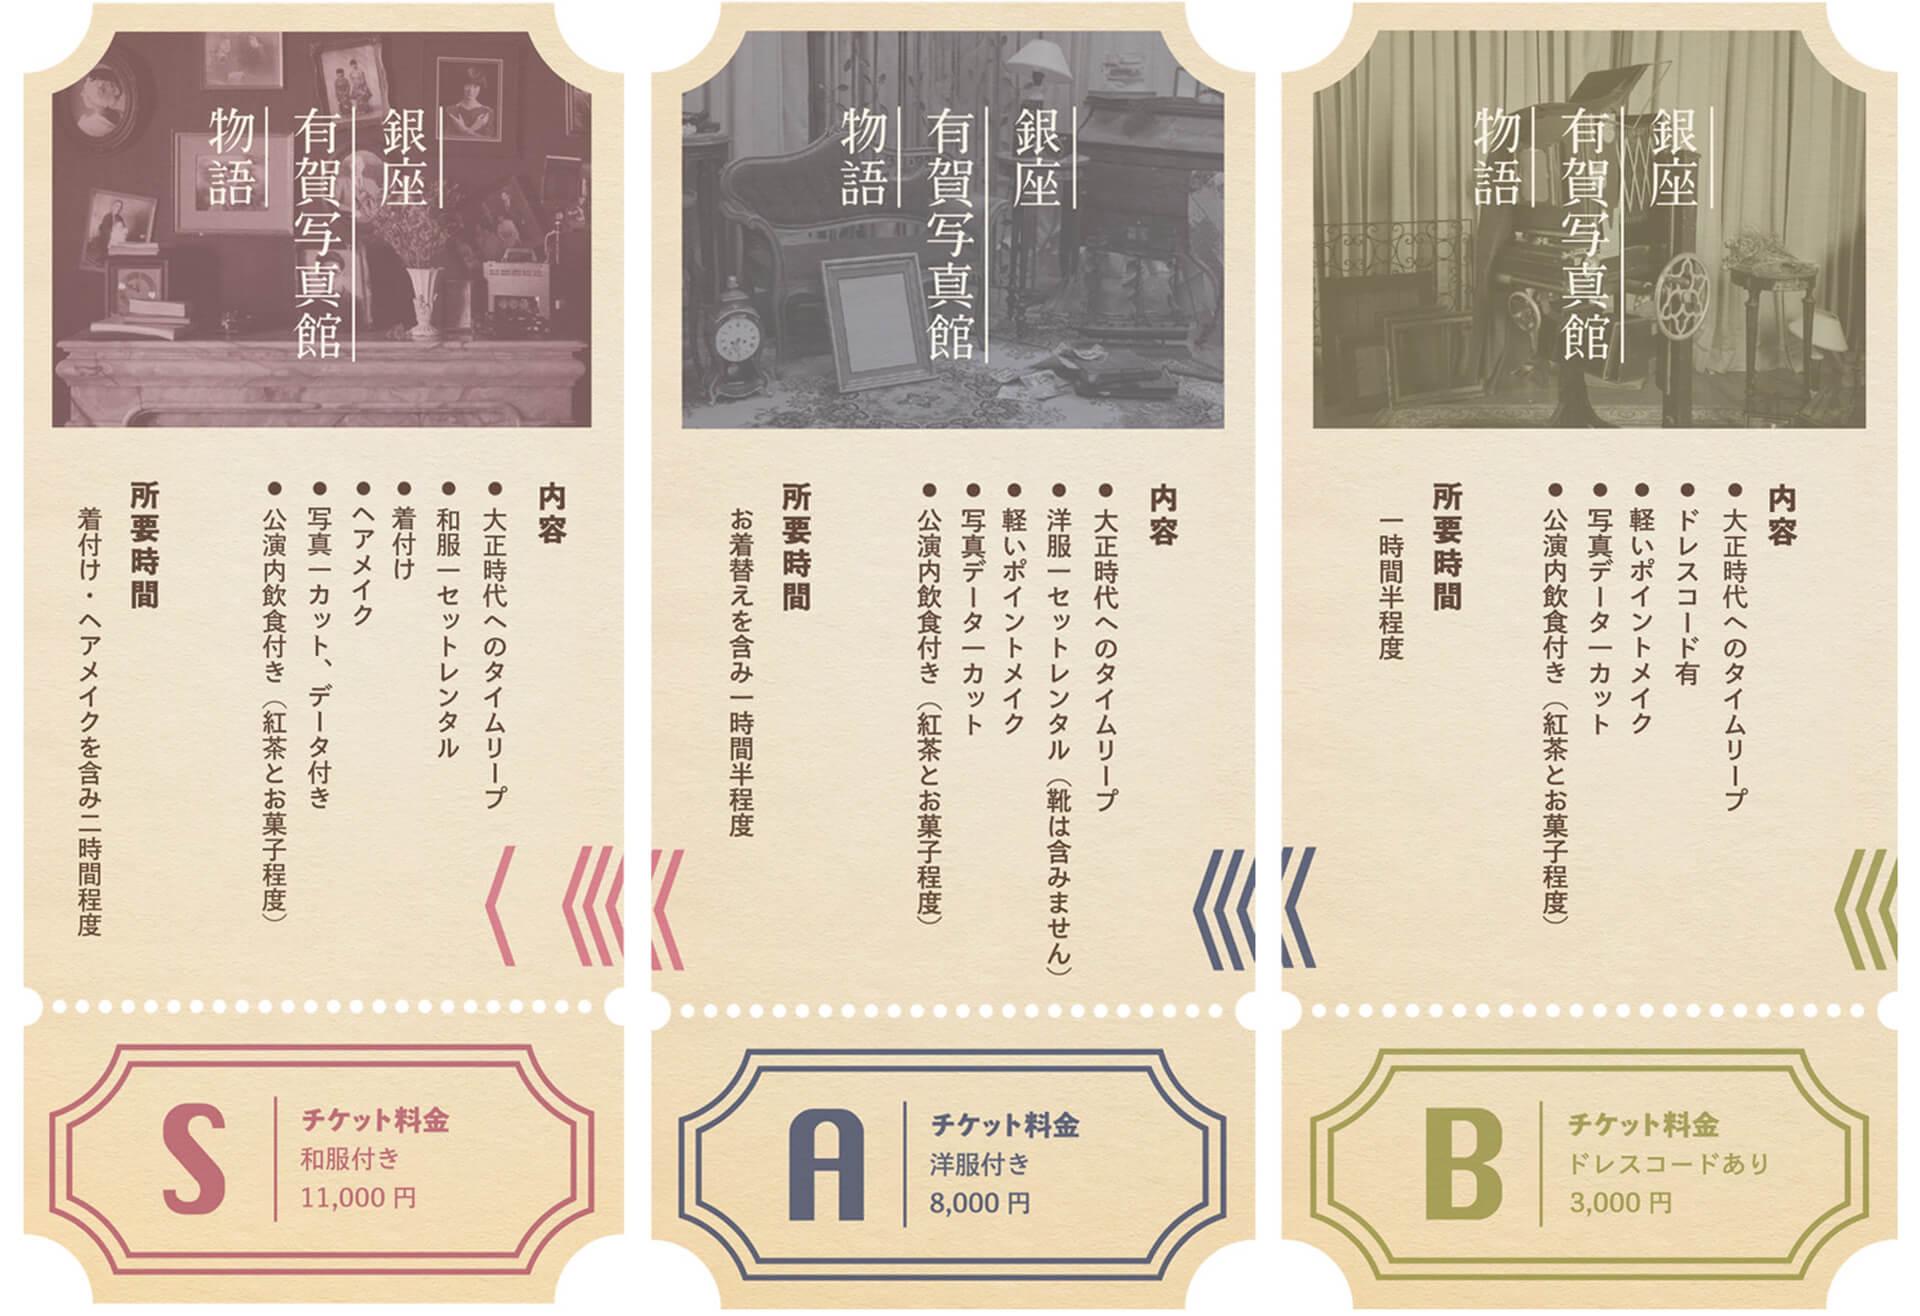 銀座 有賀写真館物語・チケット